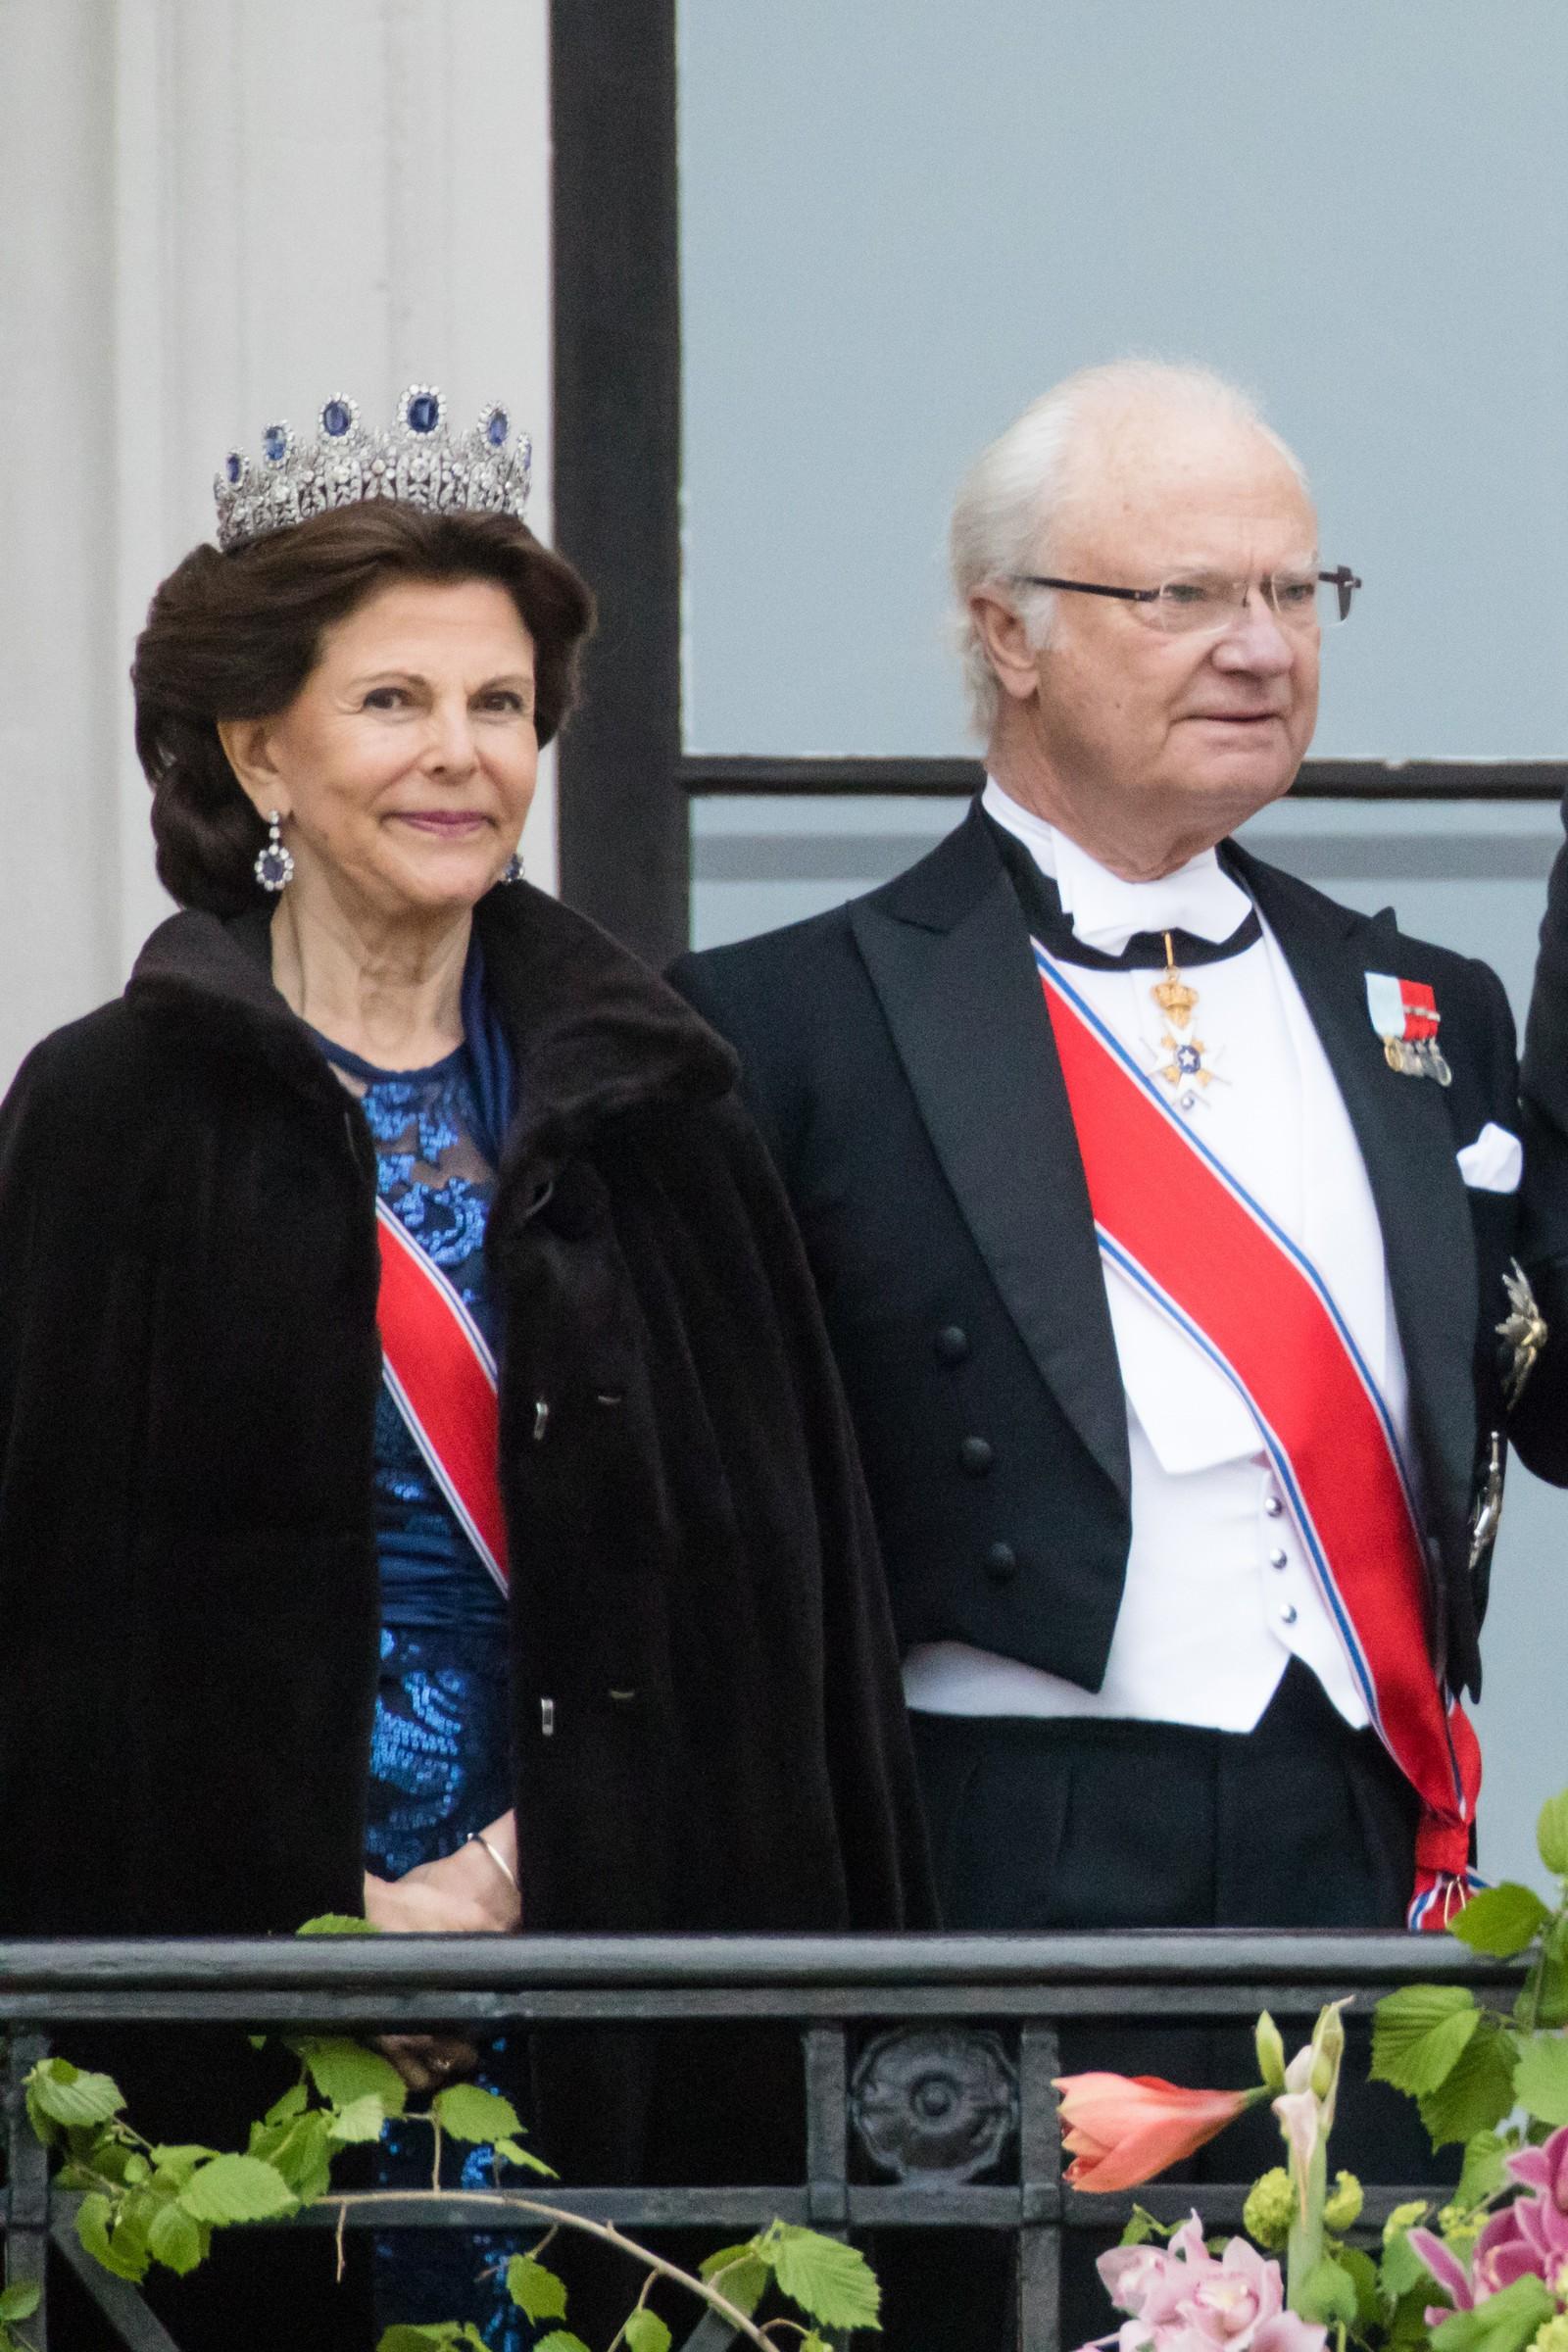 Kong Harald og dronning Sonja feirer sine 80-årsdager. Oslo 20170509. Dronning Silvia og Kong Carl Gustaf av Sverige. Kongeparet med kongelige gjester hilser publikum fra slottsbalkongen i anledning sin 80-årsfeiring. Foto: Audun Braastad / NTB scanpix Kong Harald og dronning Sonja feirer sine 80-årsdager.